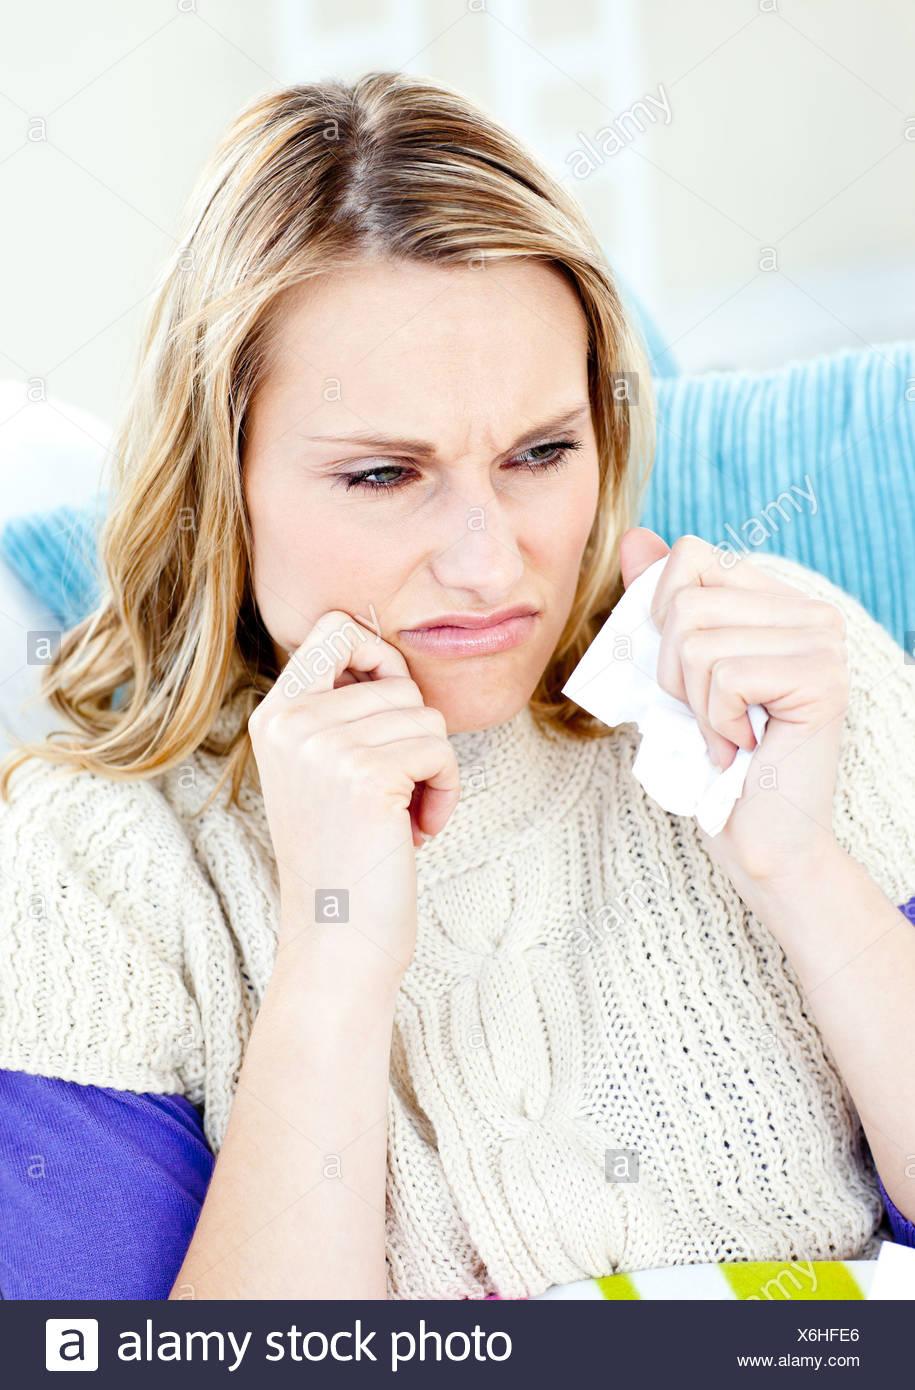 Abbattuto donna sdraiata su un divano con i tessuti Immagini Stock